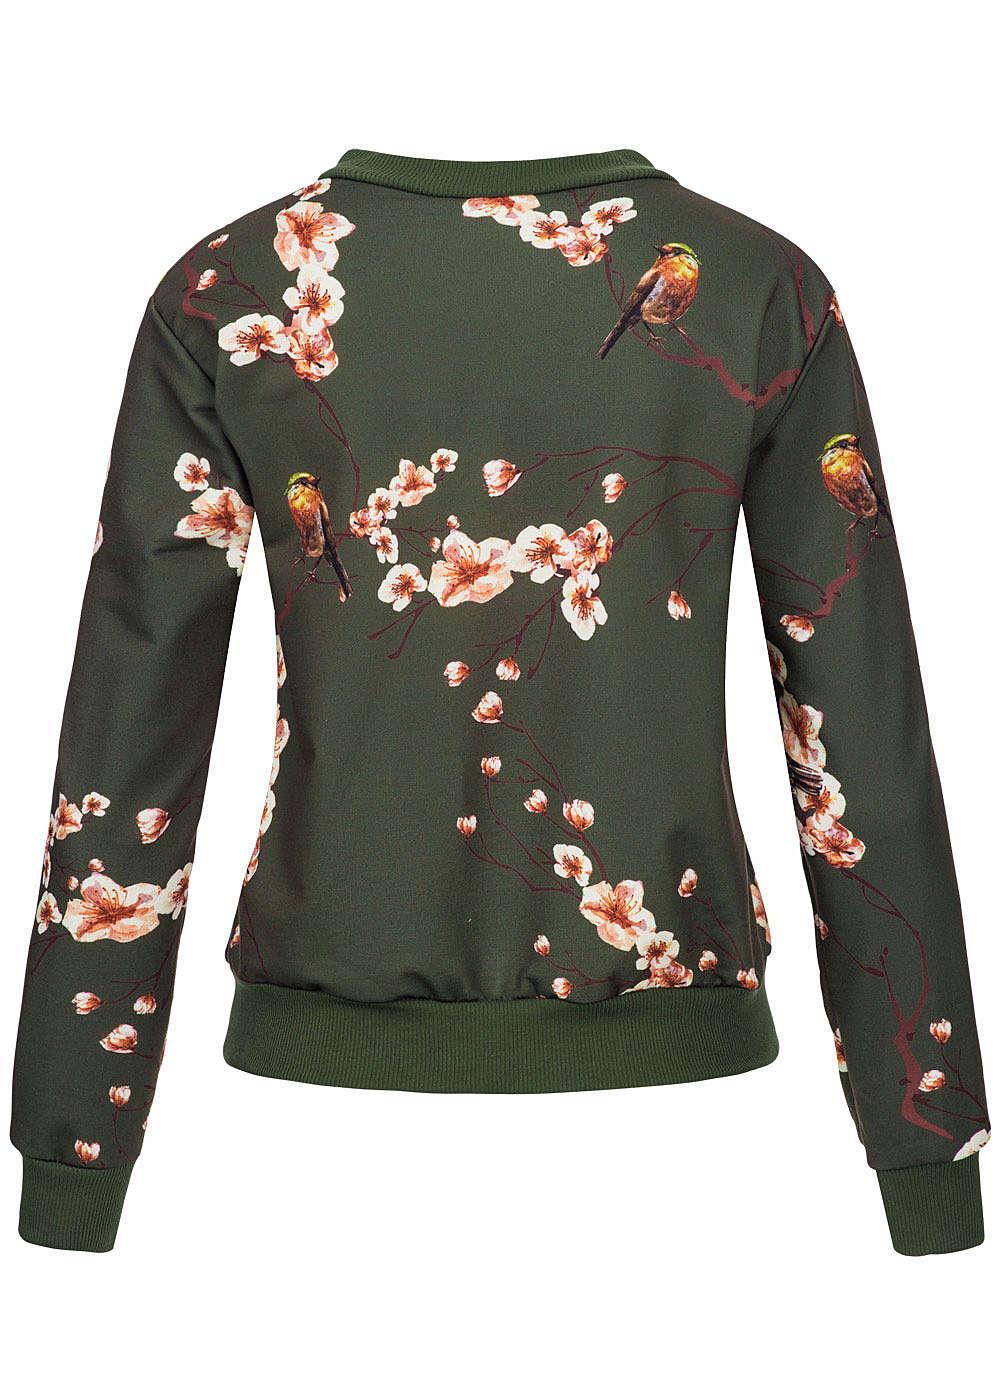 styleboom fashion damen bomber jacke blumen v gel print zipper goldfarben military gn. Black Bedroom Furniture Sets. Home Design Ideas